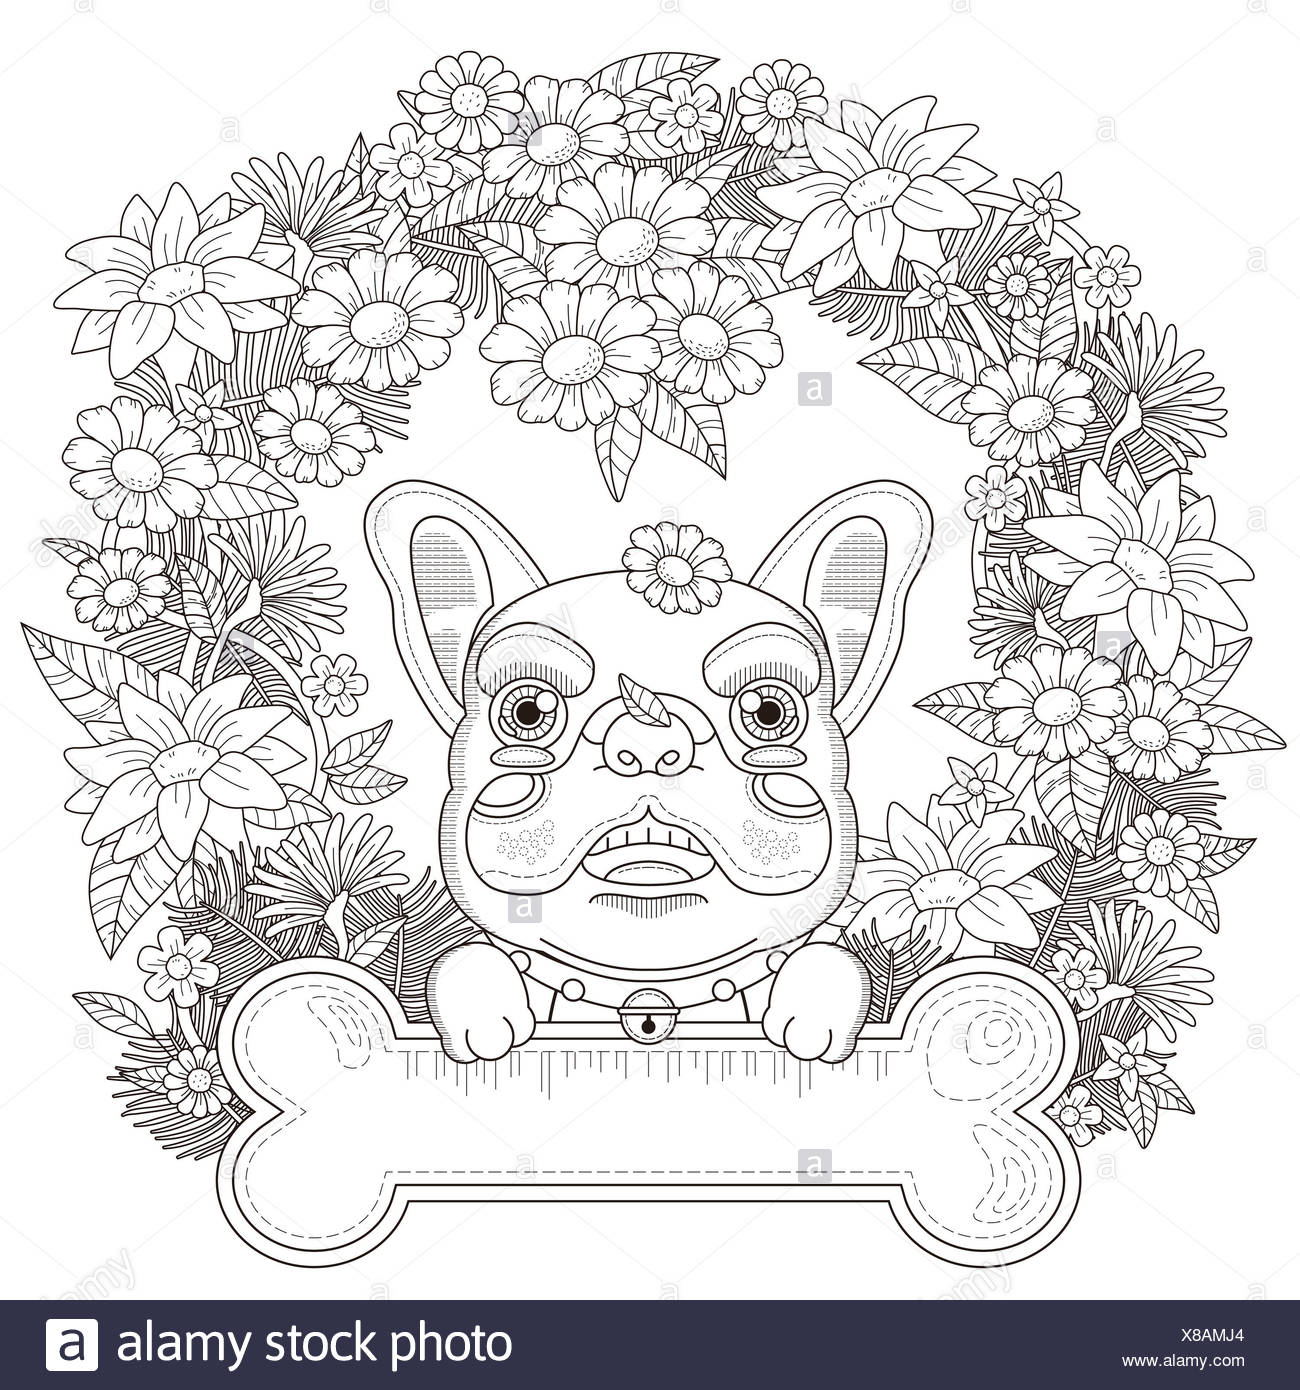 Encantador Páginas Para Colorear De Baby Bulldog Ilustración - Ideas ...